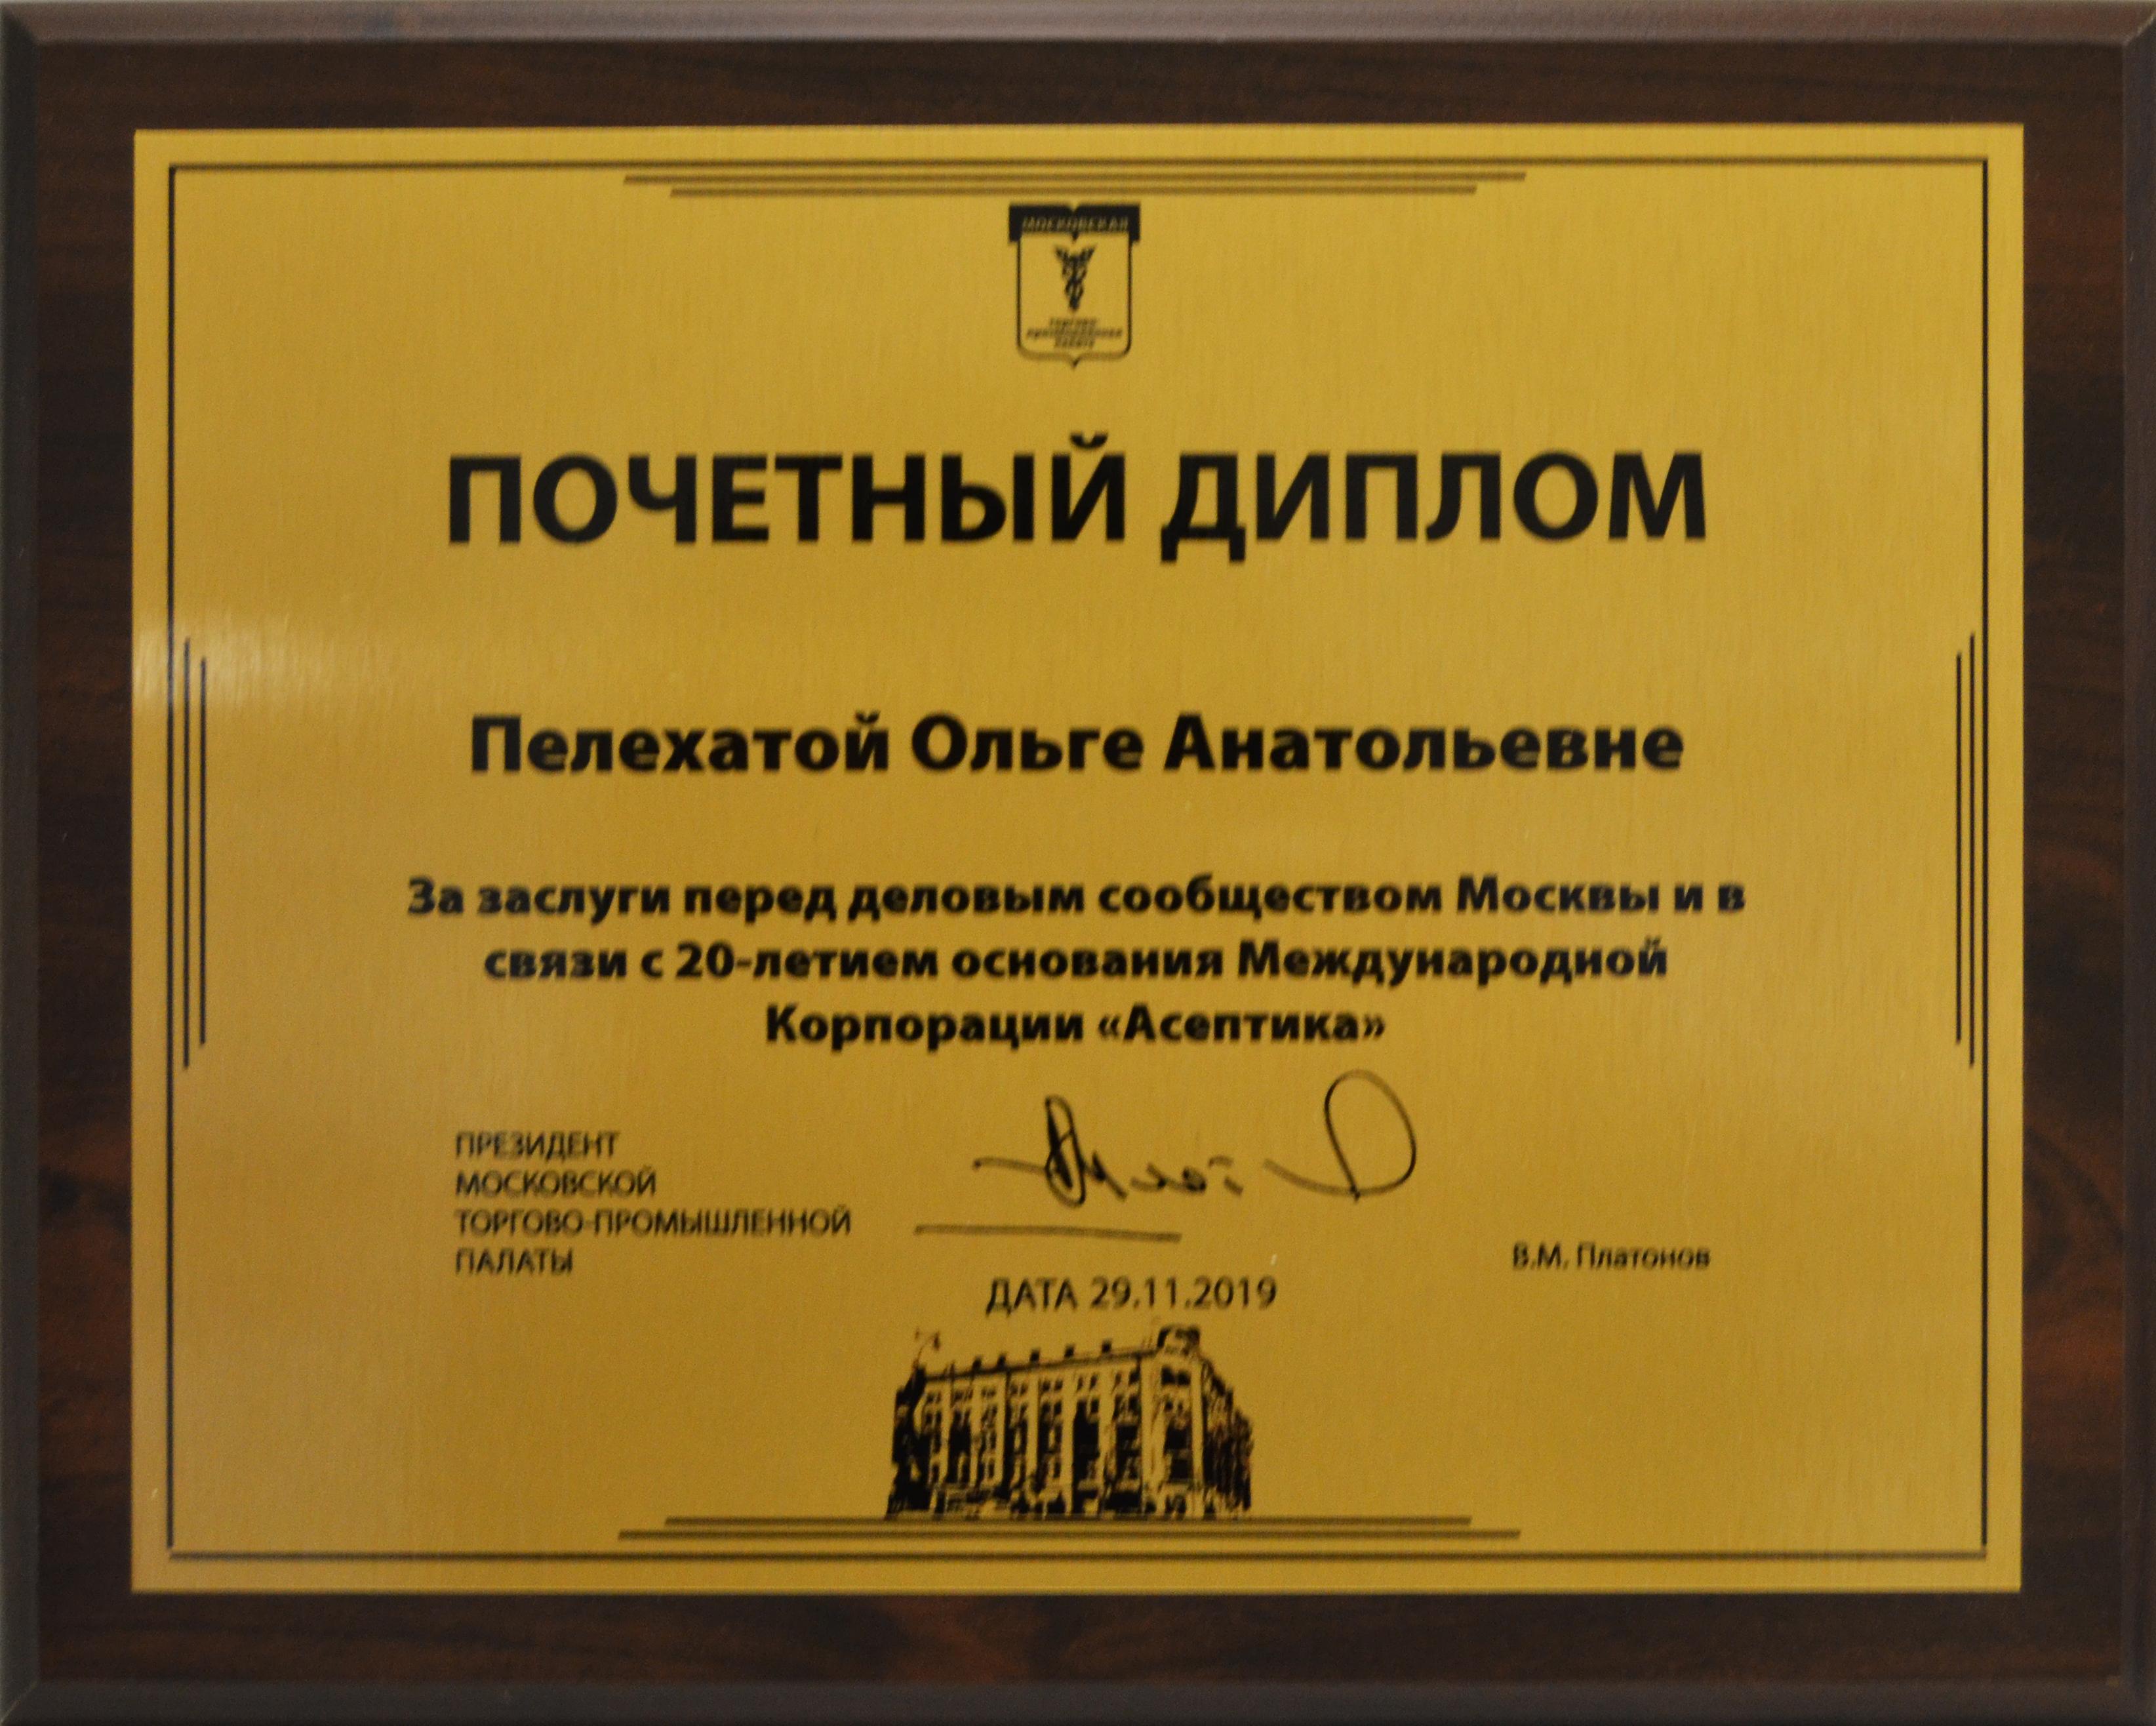 Диплом за заслуги перед деловым сообществом